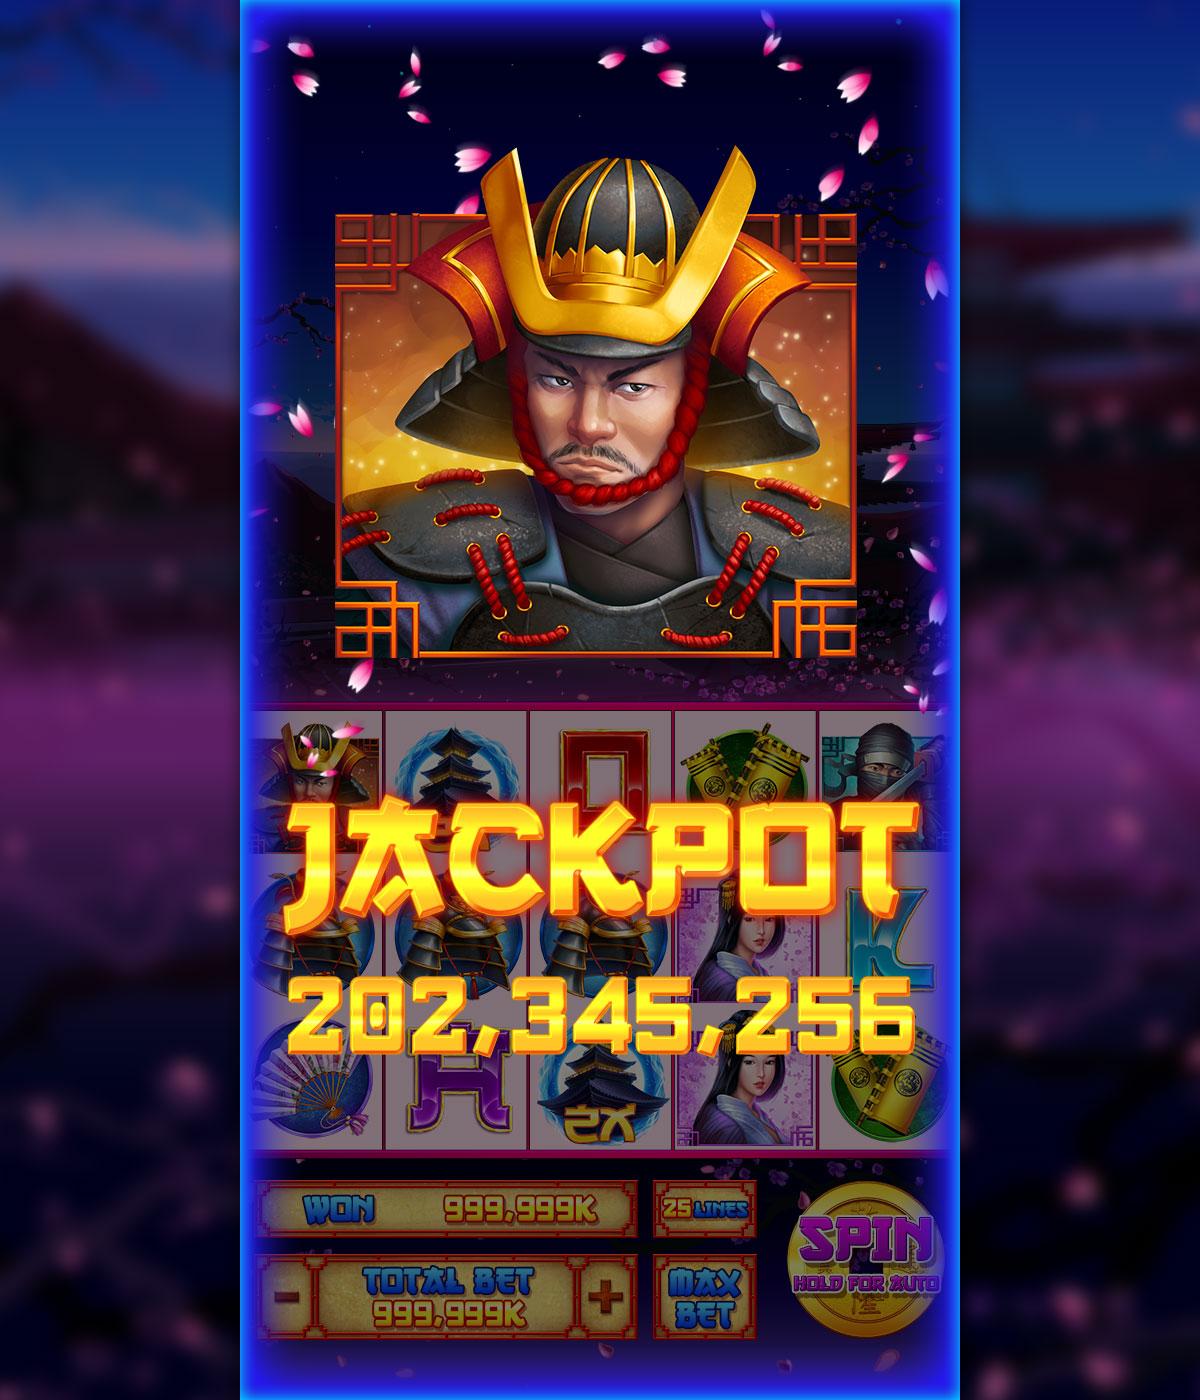 legend_of_shogun_blog_jackpot